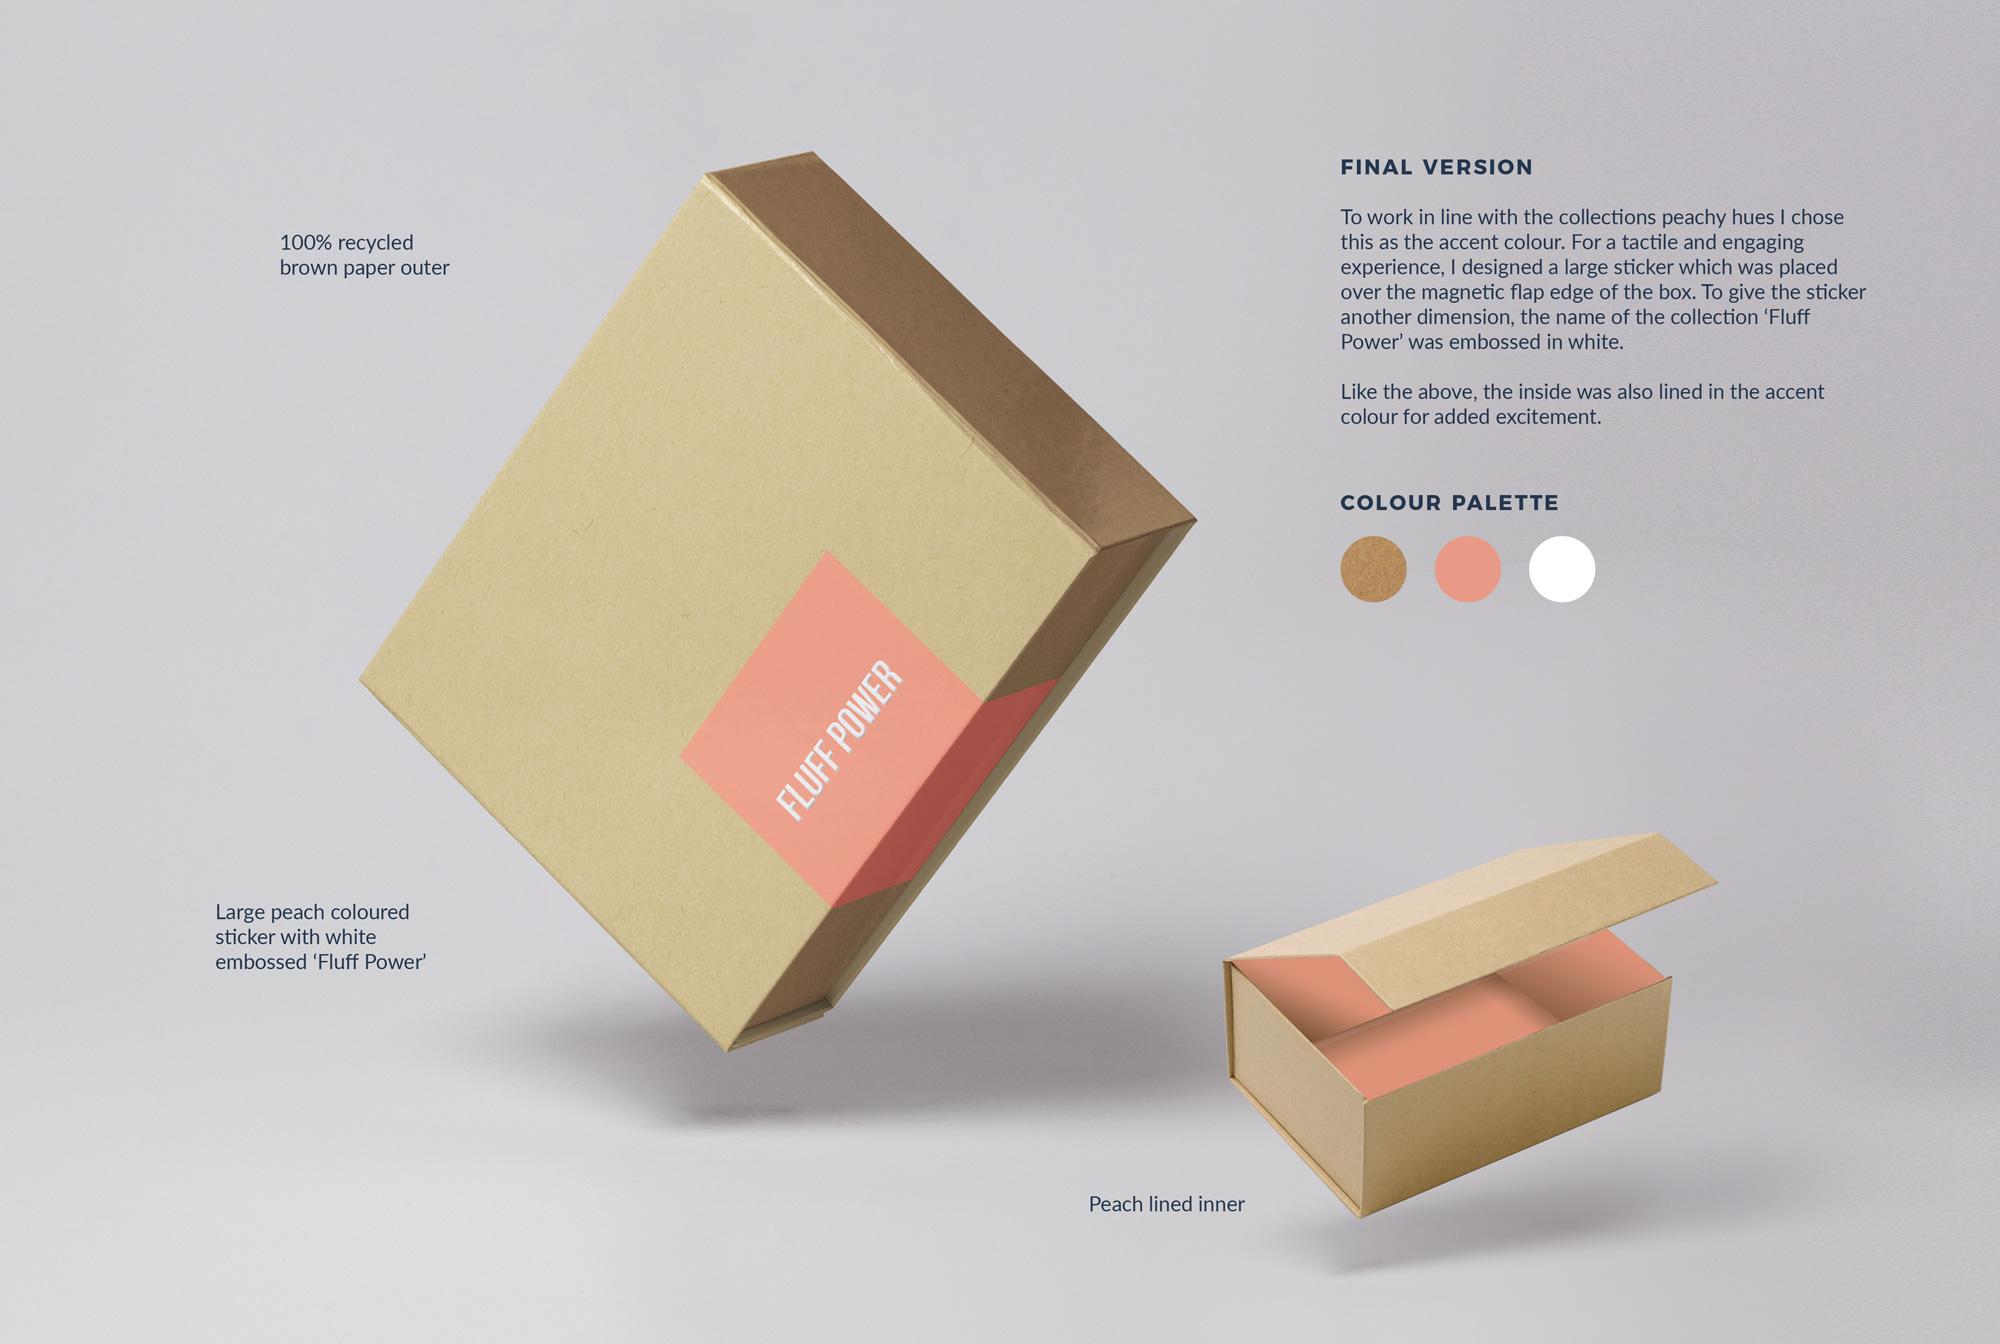 UGG_Packaging-Design_Influencer-Mailer